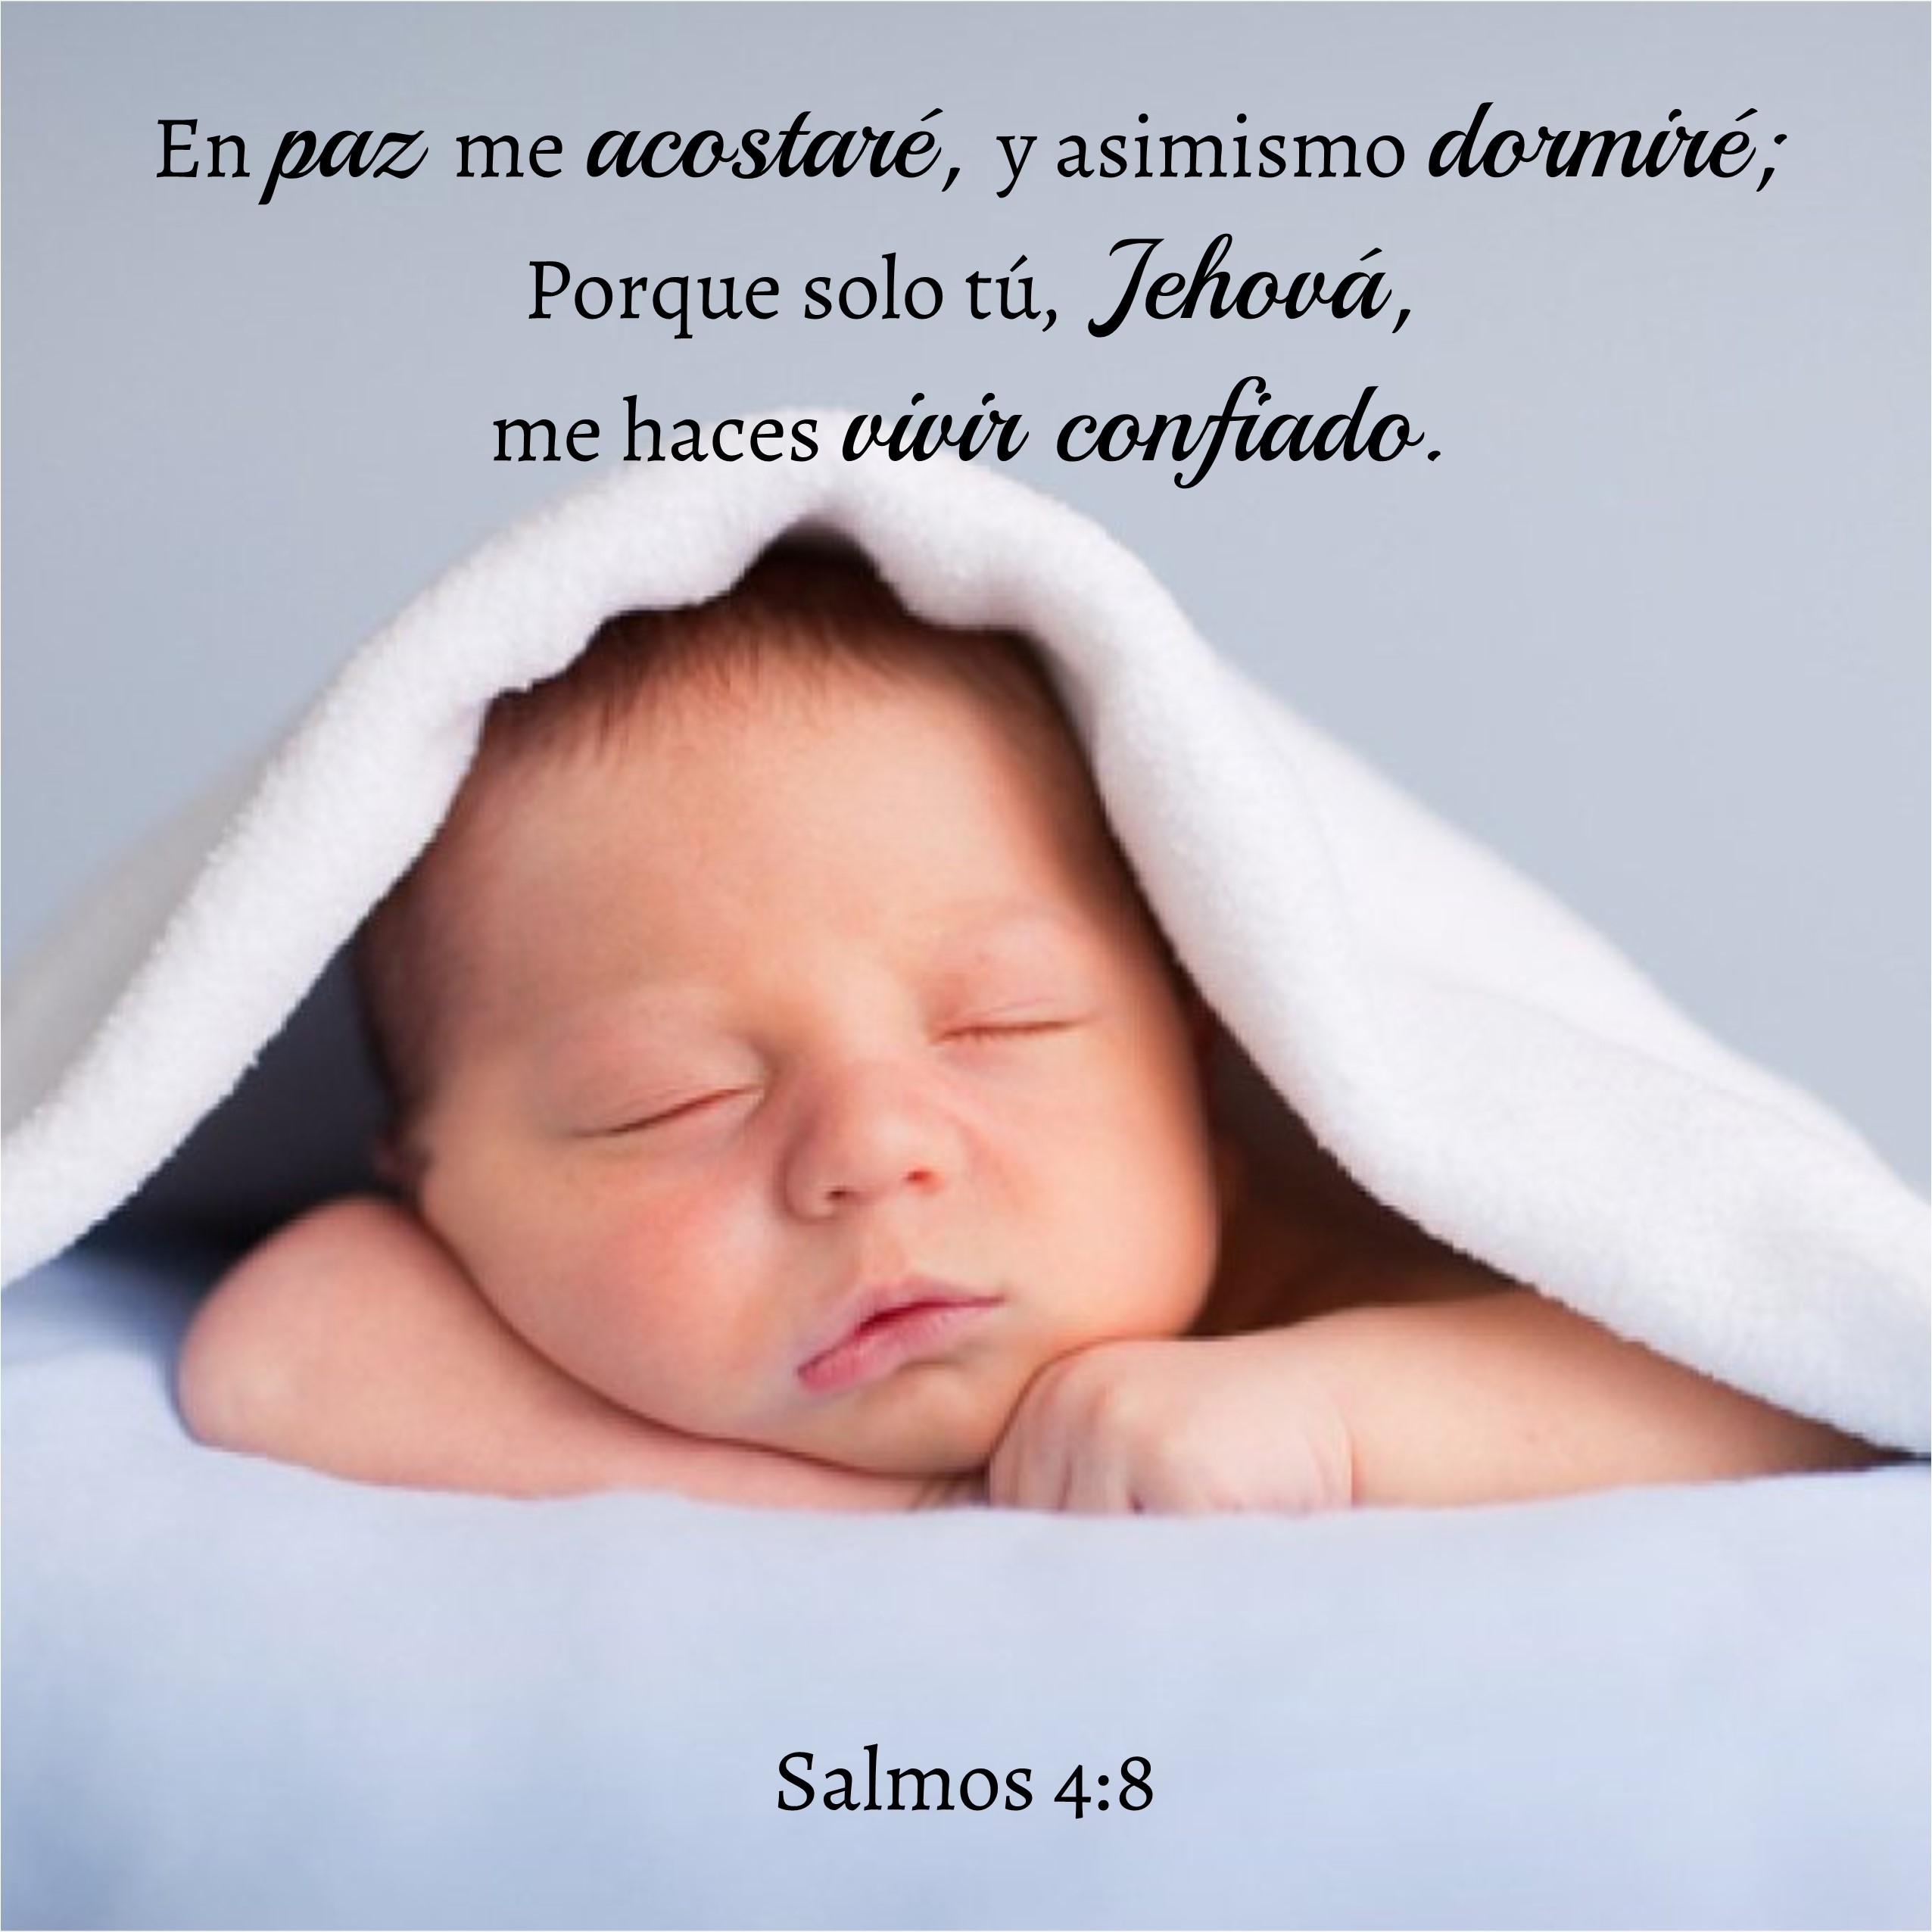 Salmos 4.8 Anexo